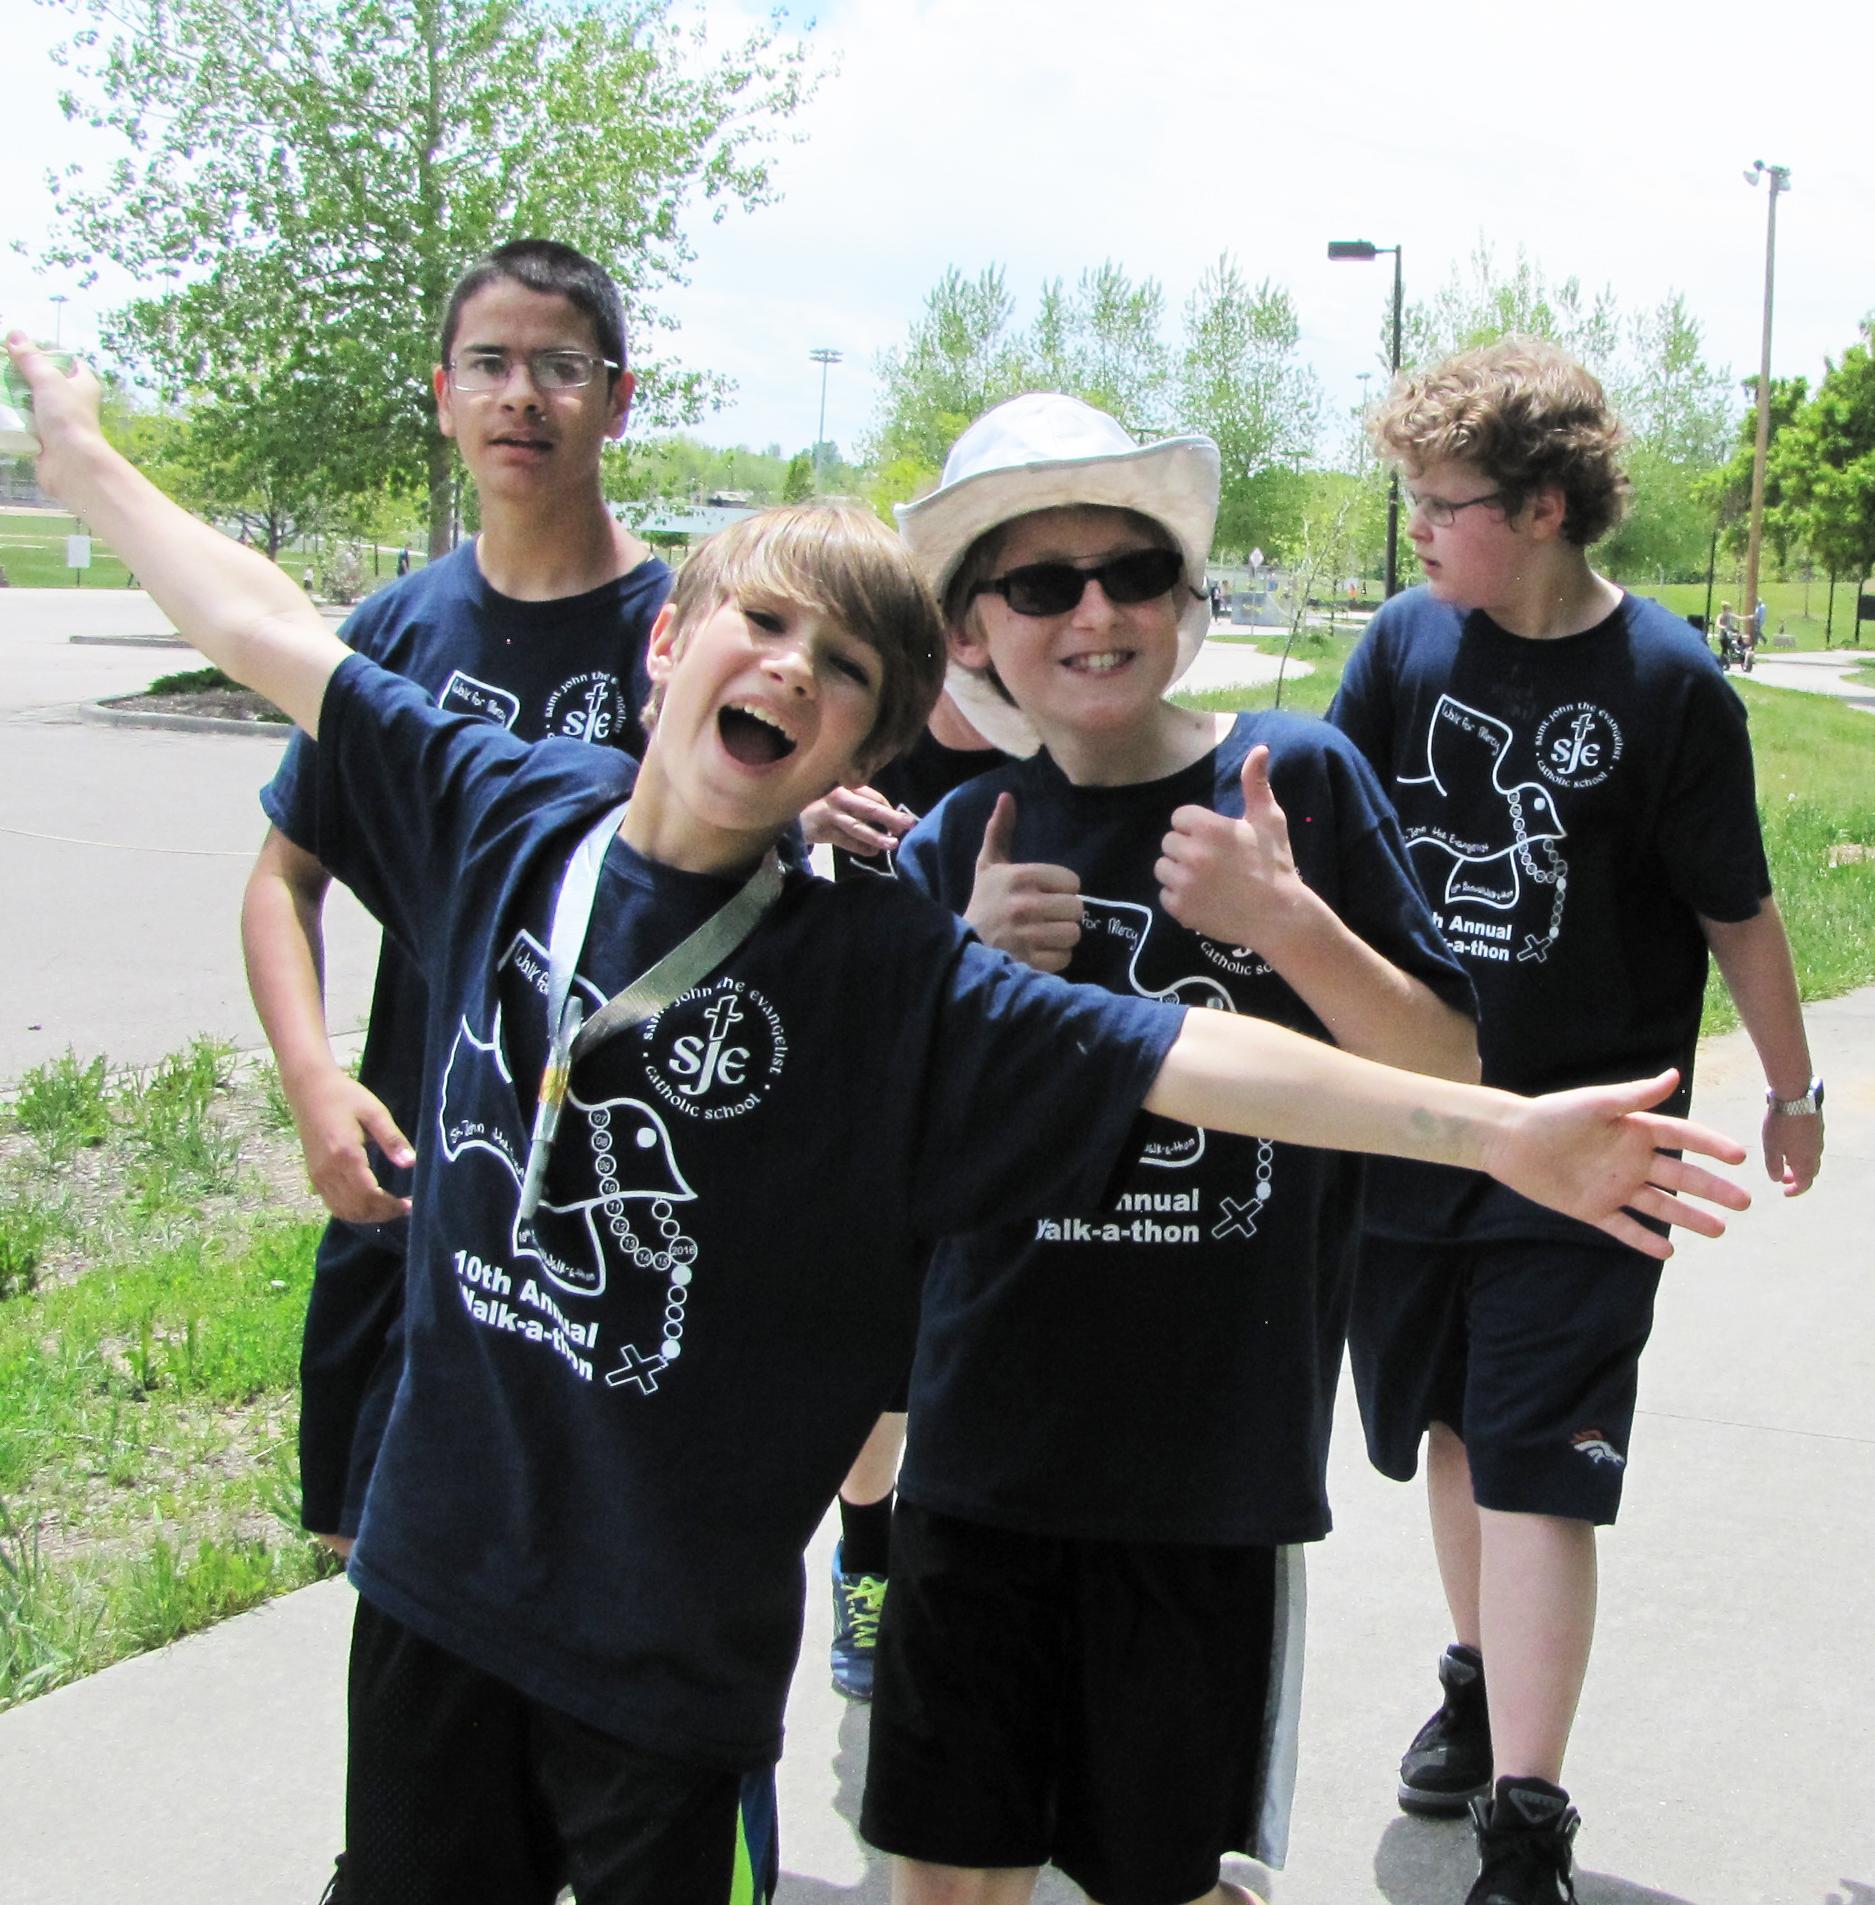 Christian school walk-a-thon 1